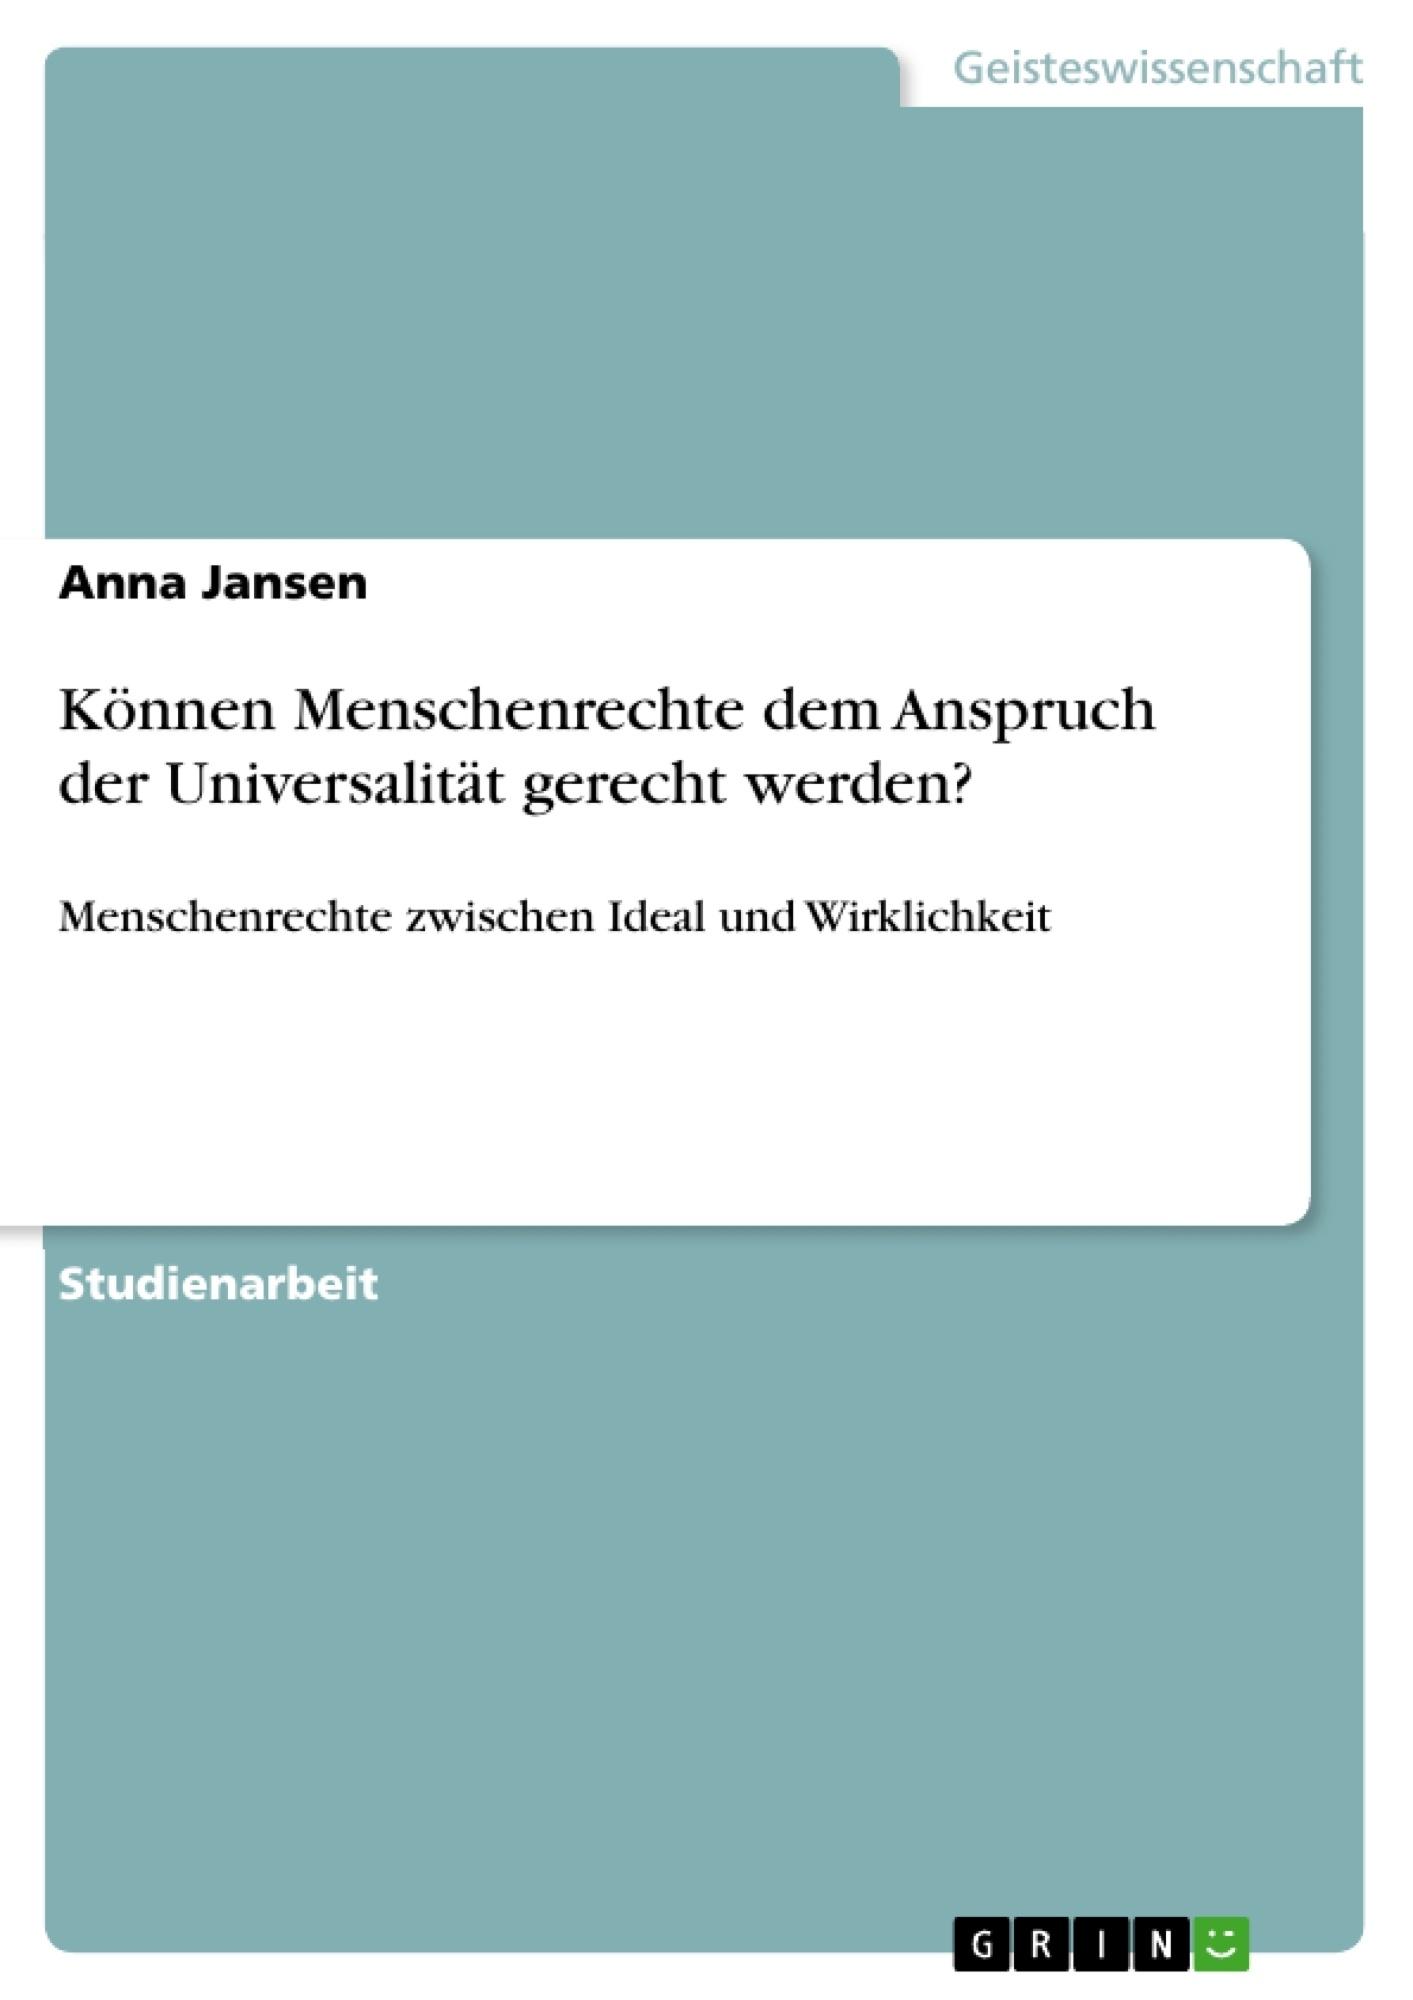 Titel: Können Menschenrechte dem Anspruch der Universalität gerecht werden?